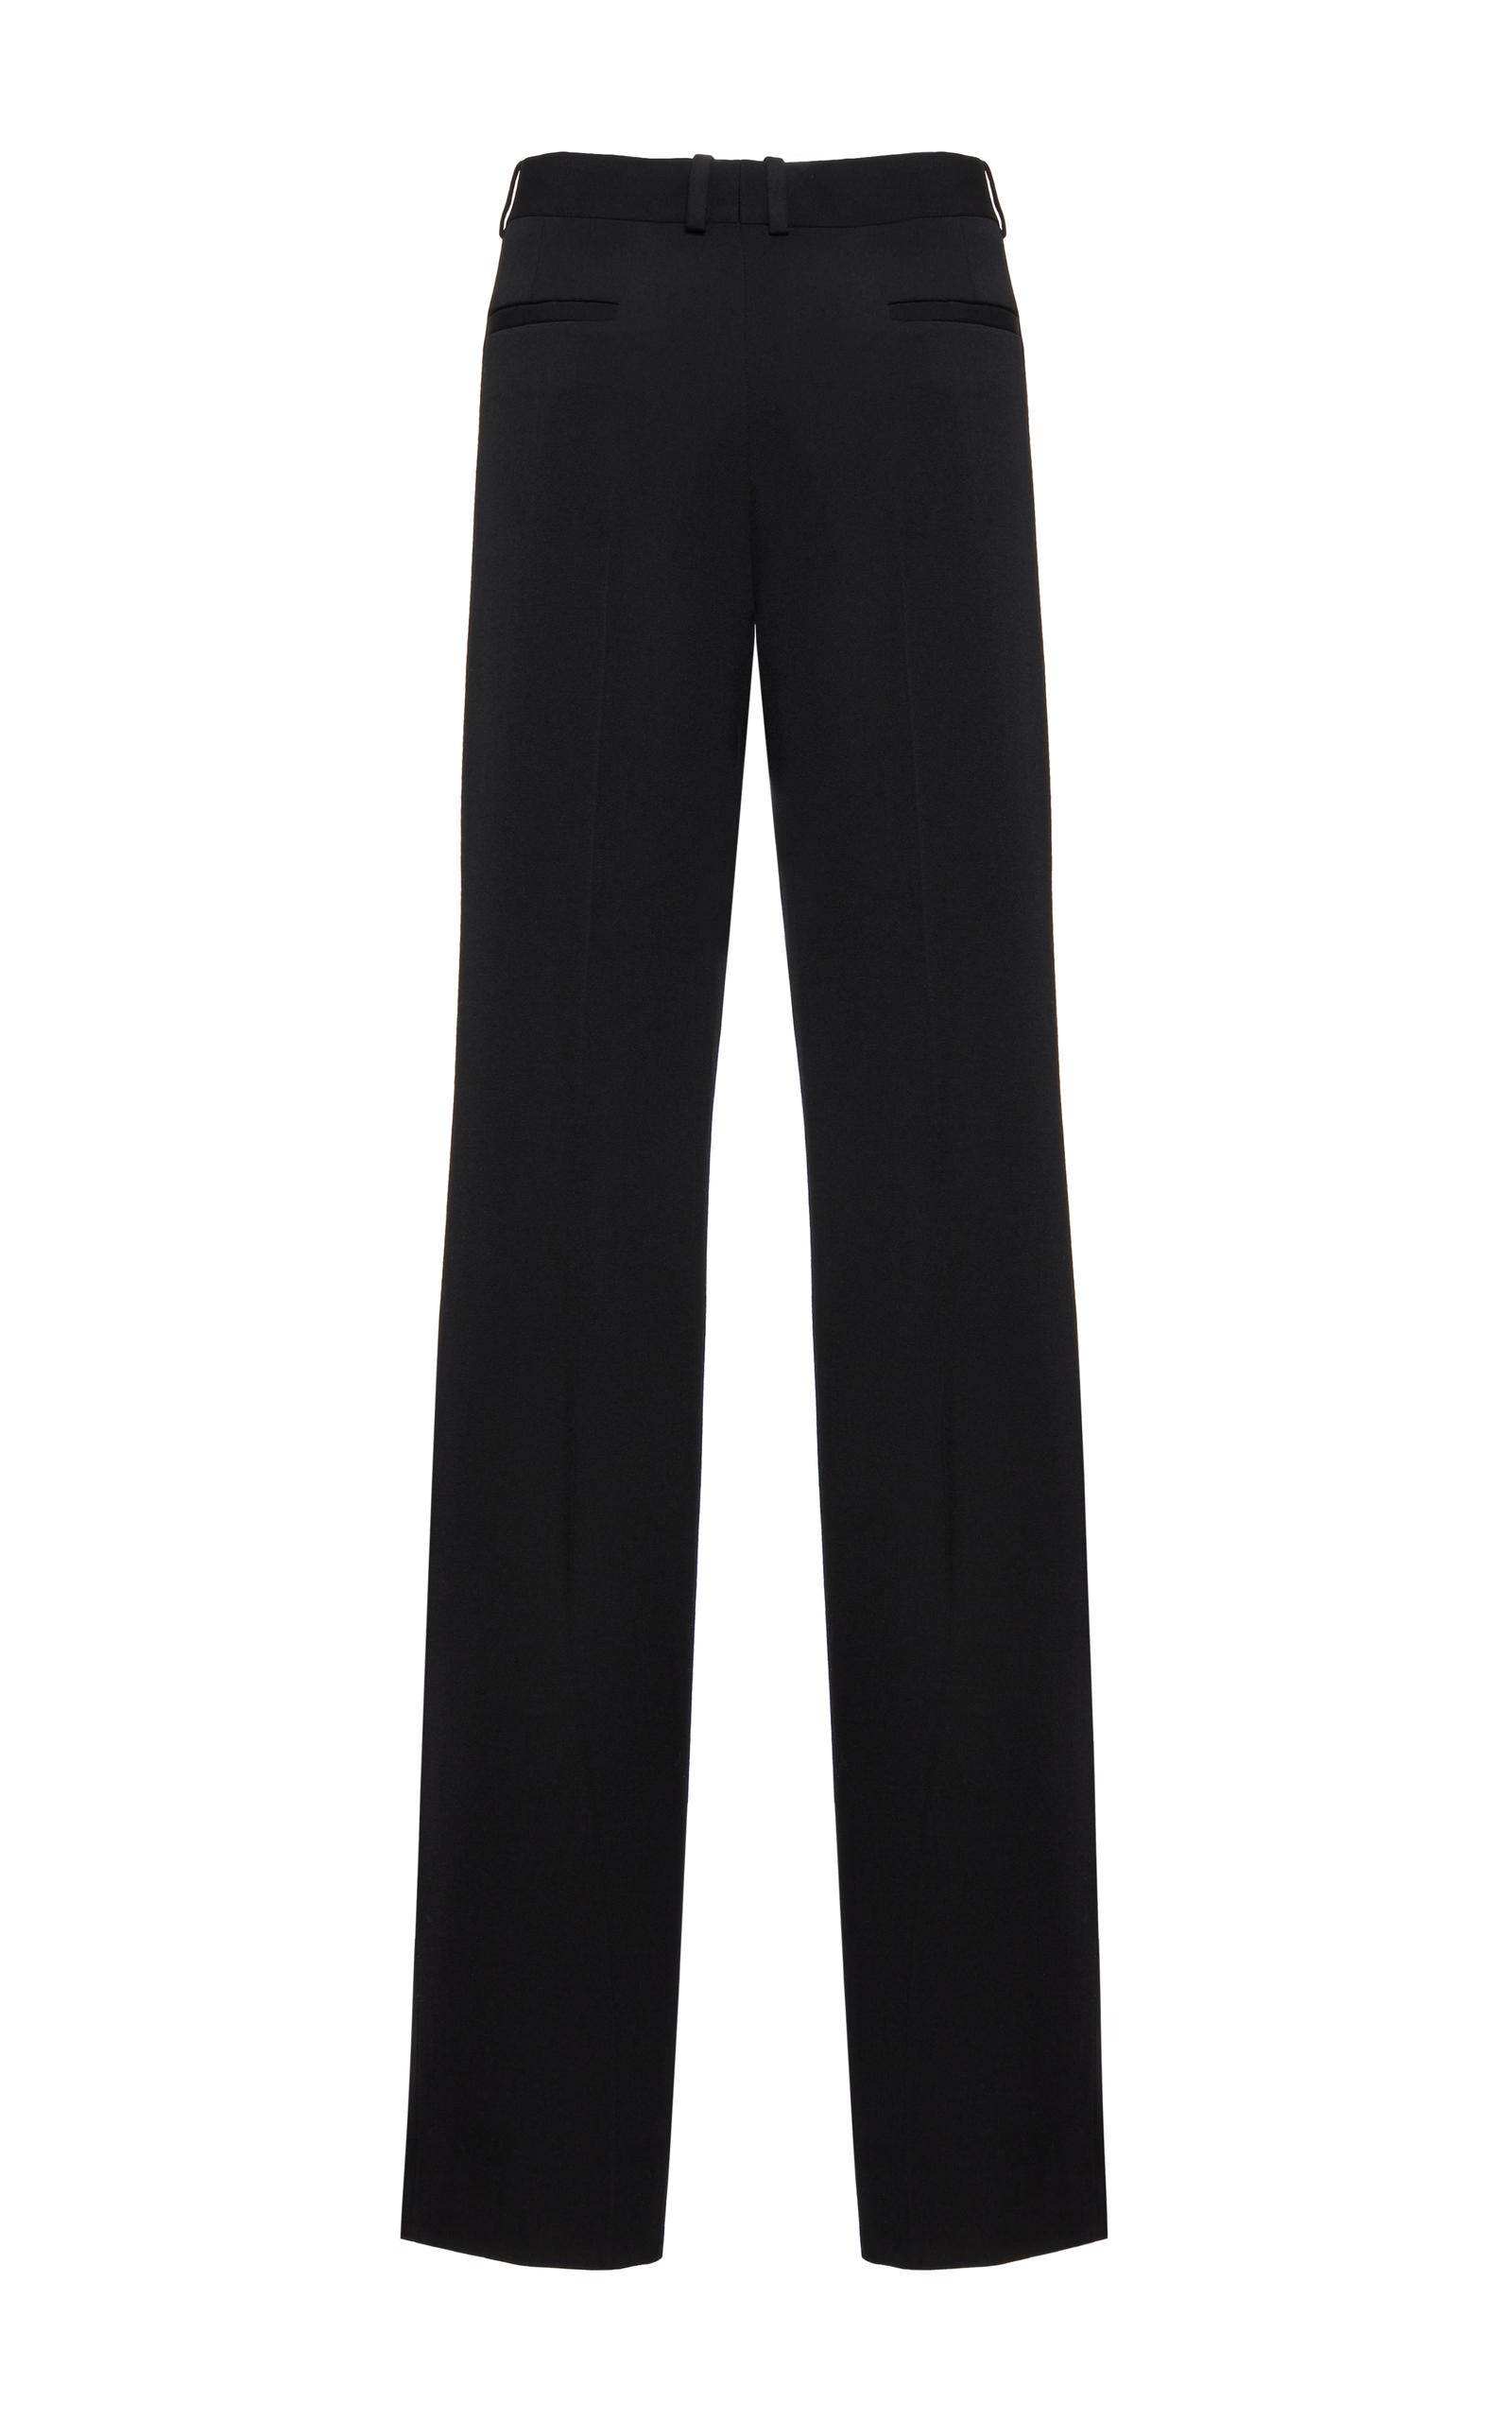 Givenchy Pants GRAIN DE POUDRE TROUSERS